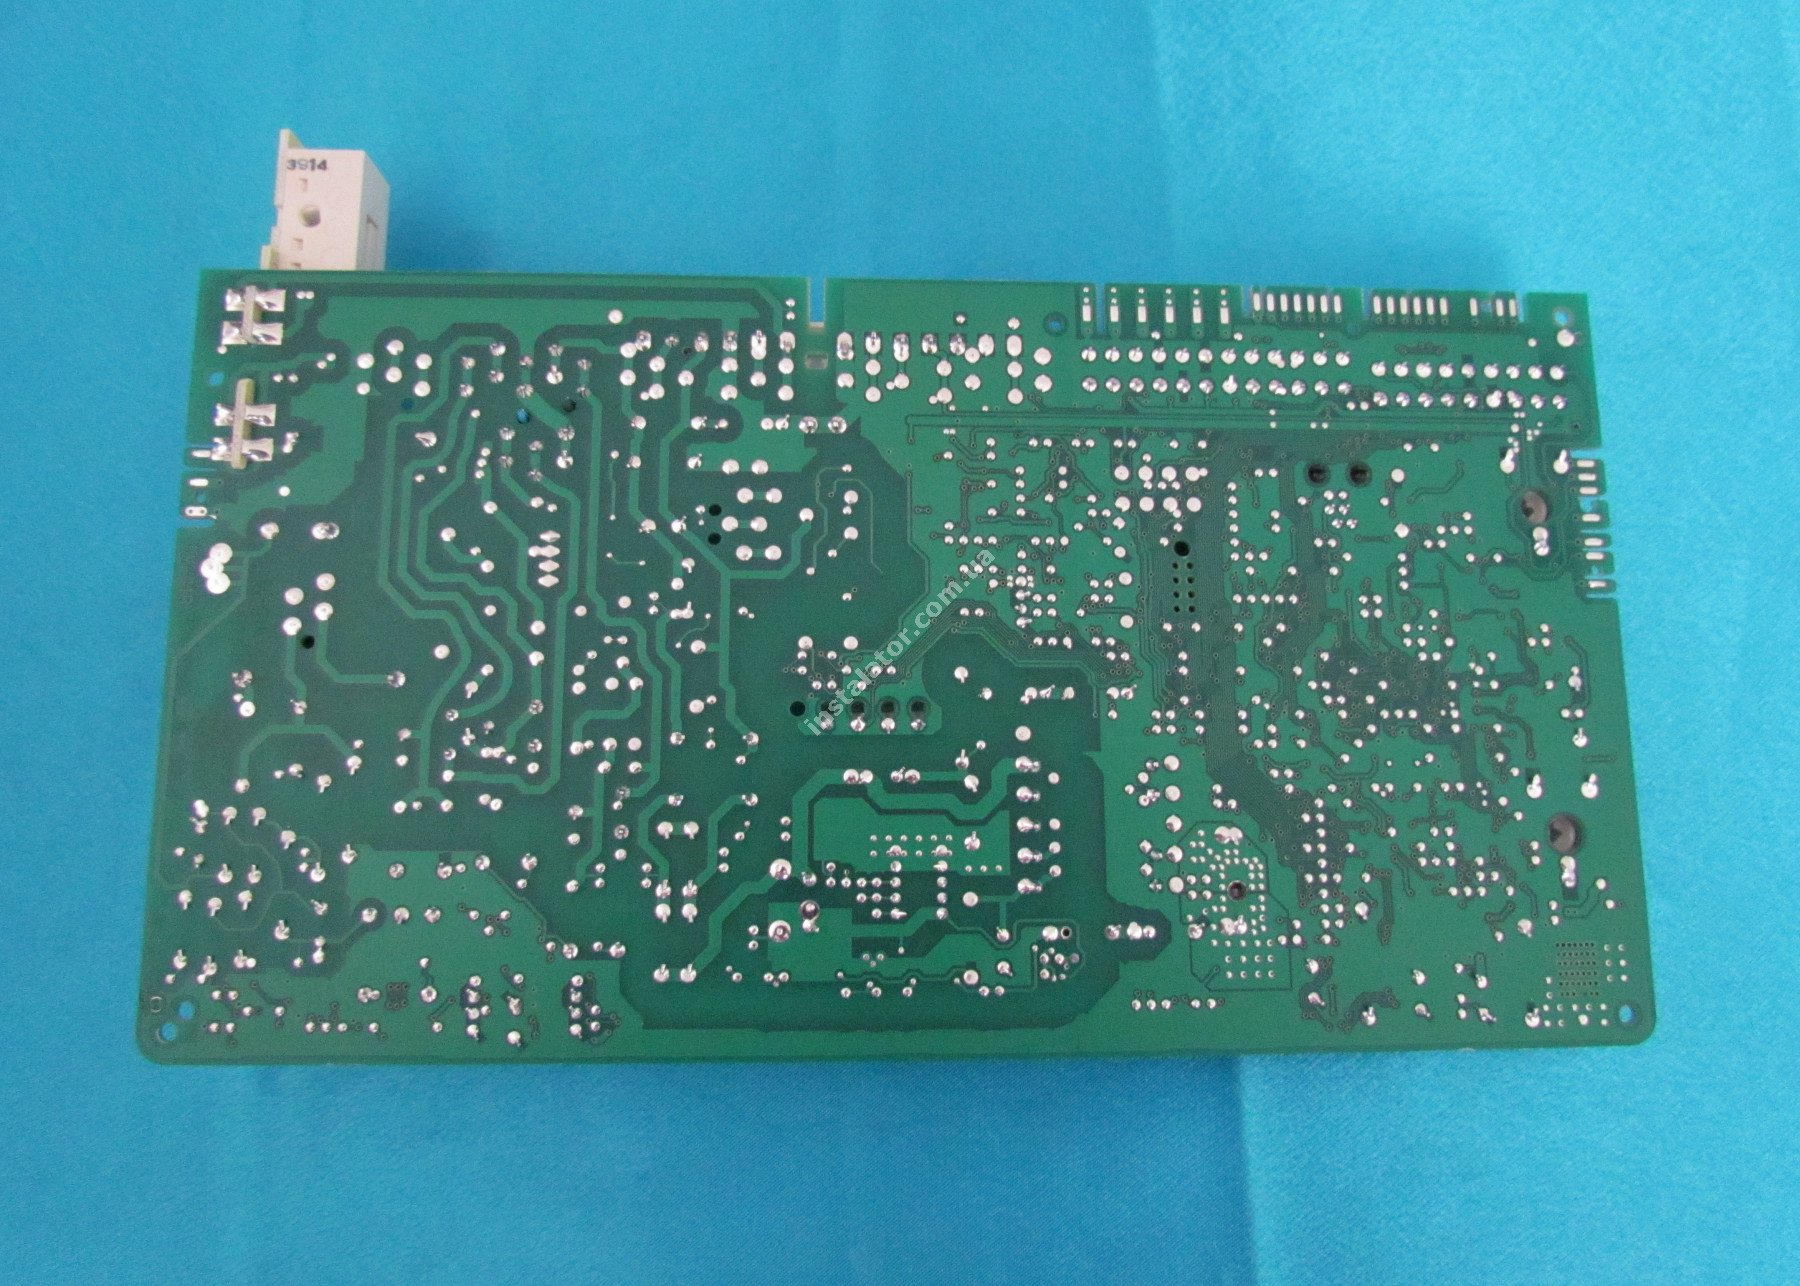 0020092371 Плата керування - універсальна VAILLANT Atmo/Turbo TEC Pro/Plus full-image-3